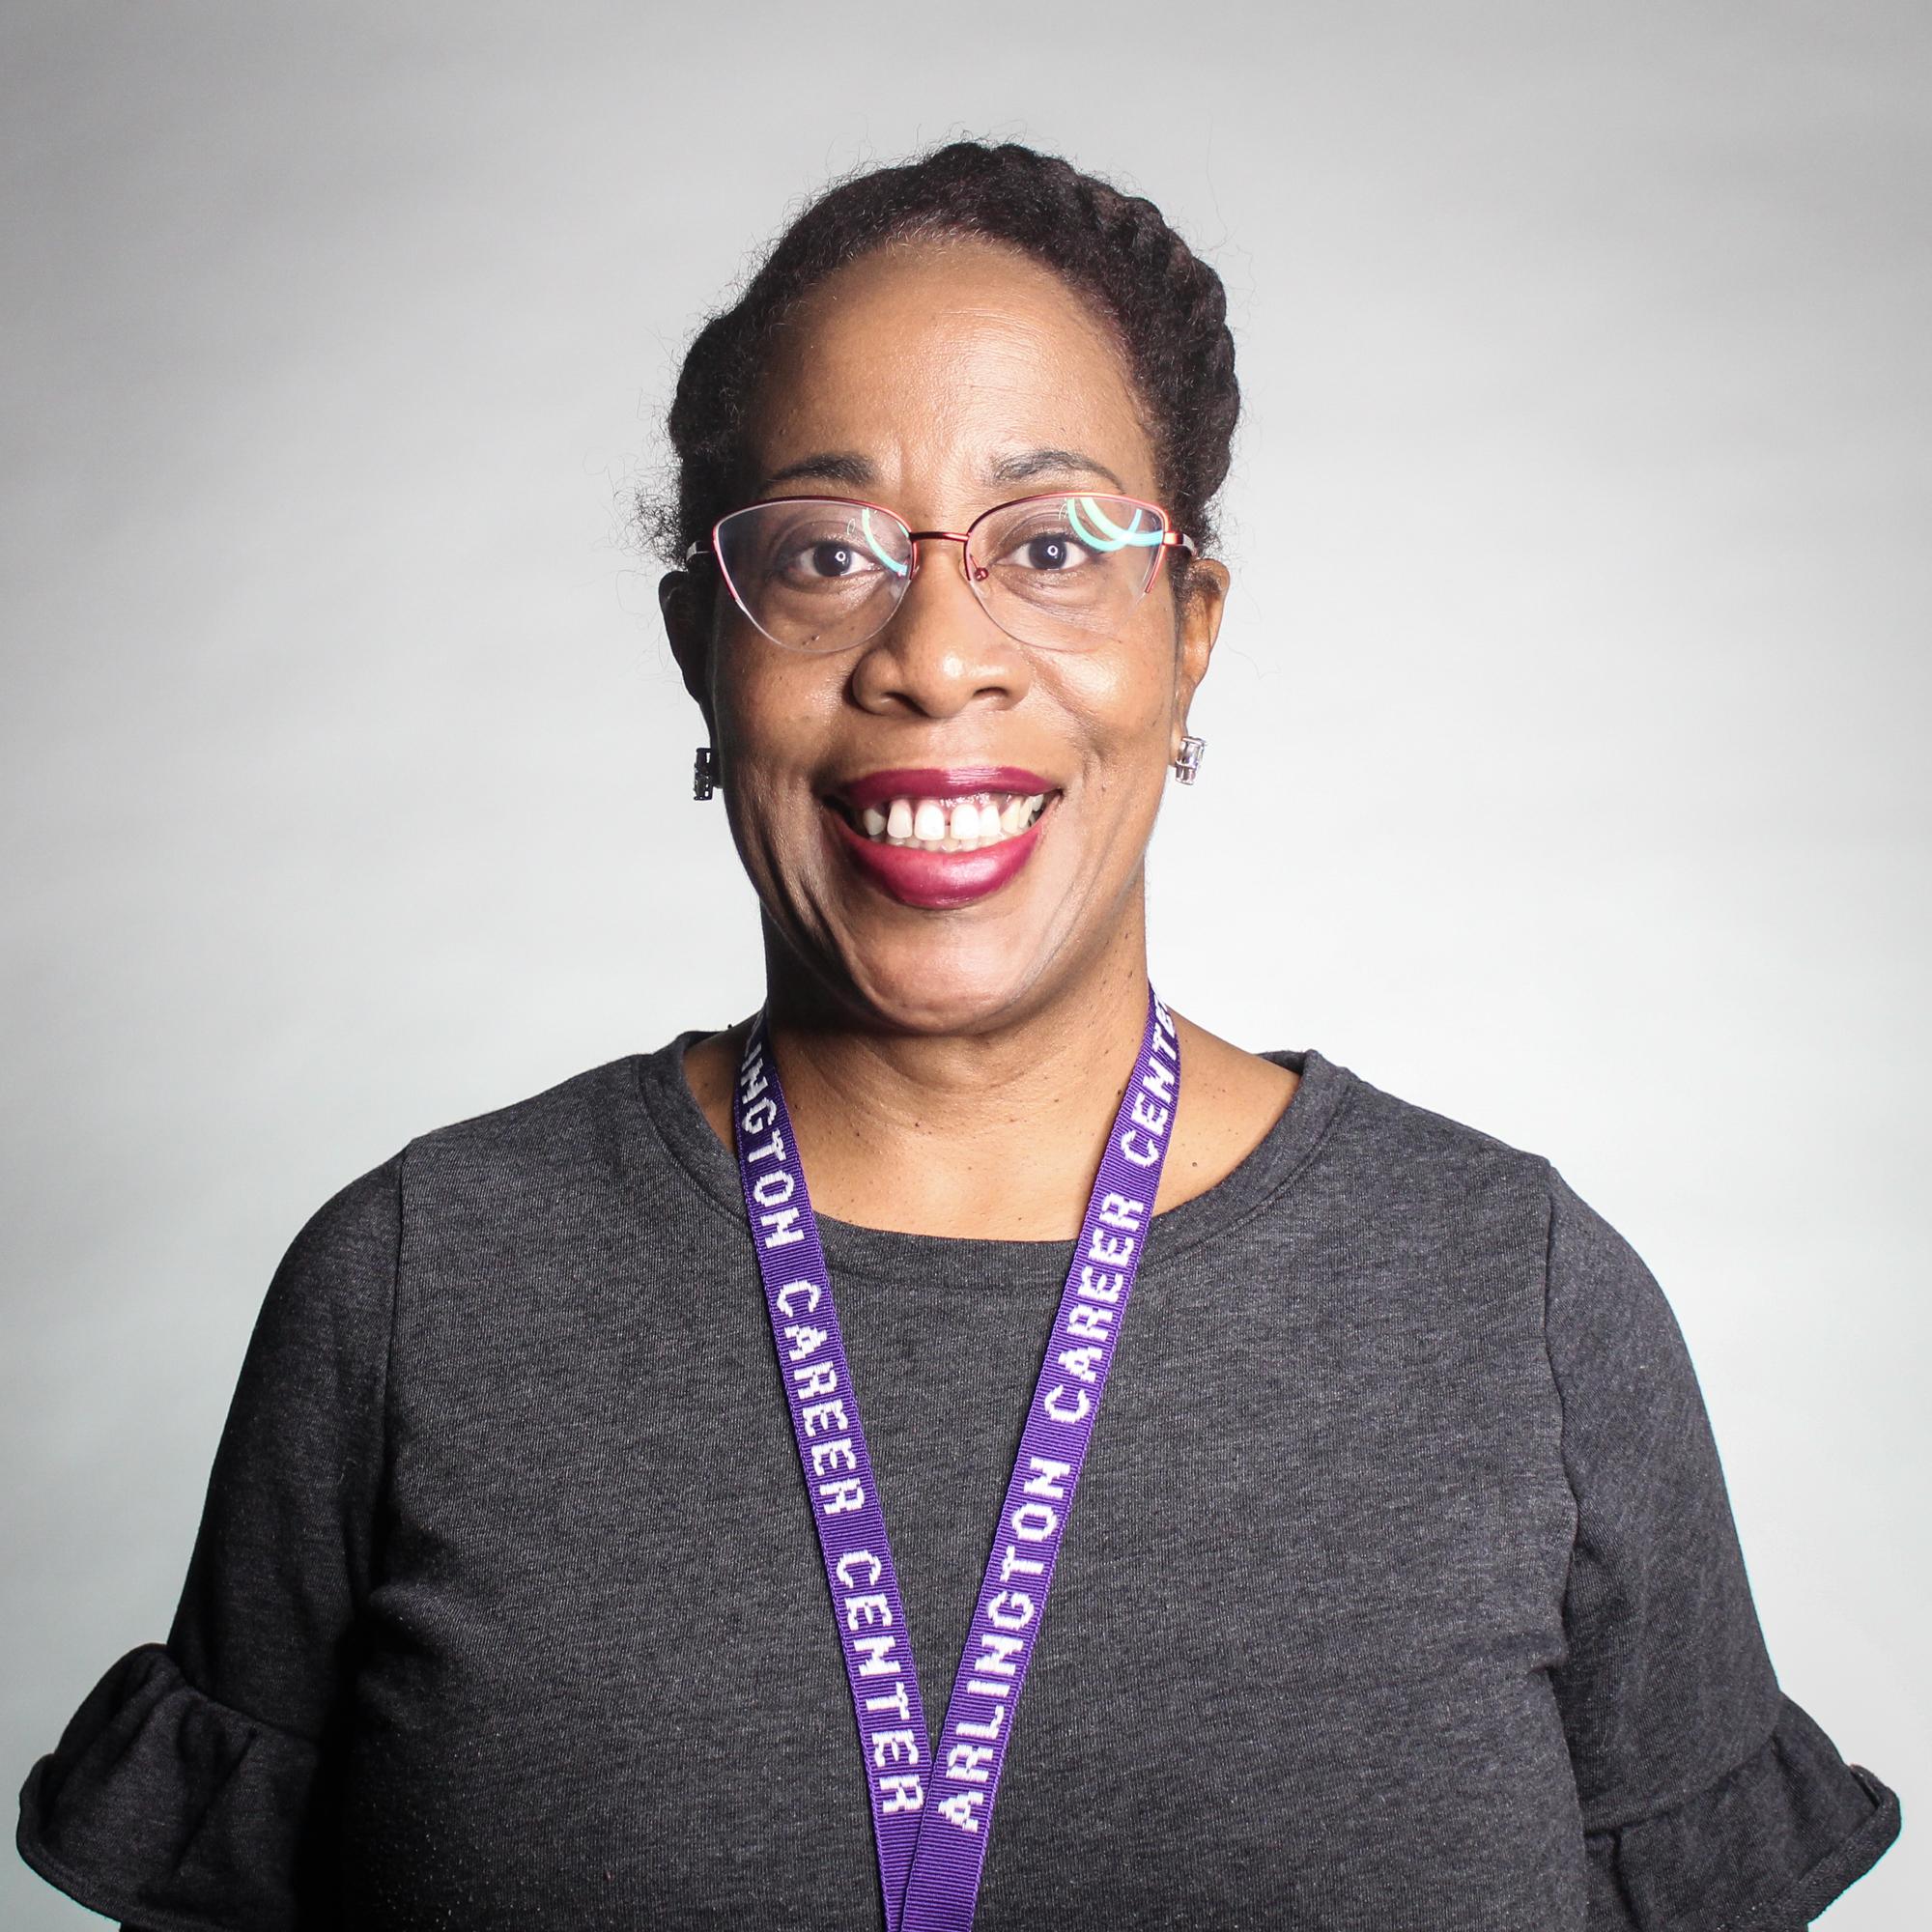 Ms. Arlene Whitlock